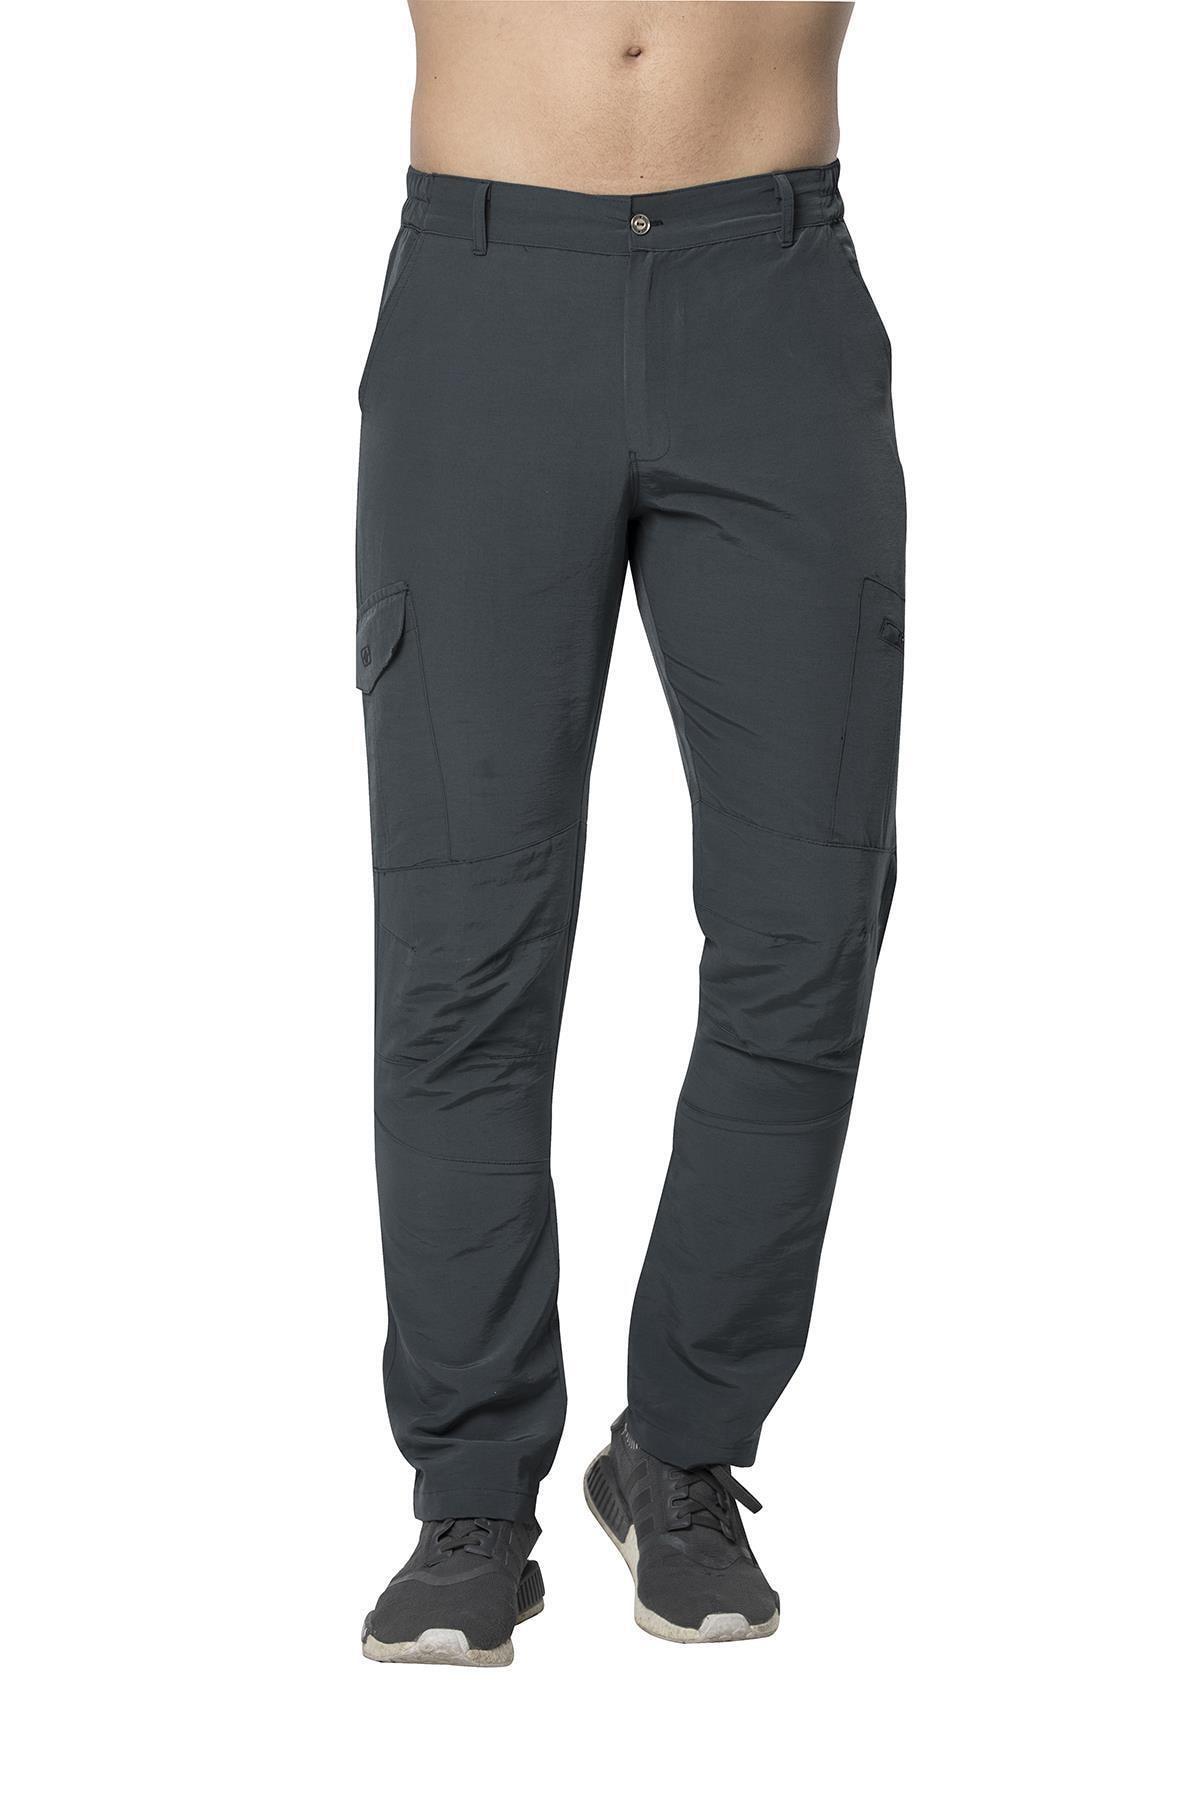 Crozwise Pamuk Polyester Erkek Outdoor Pantolon 1